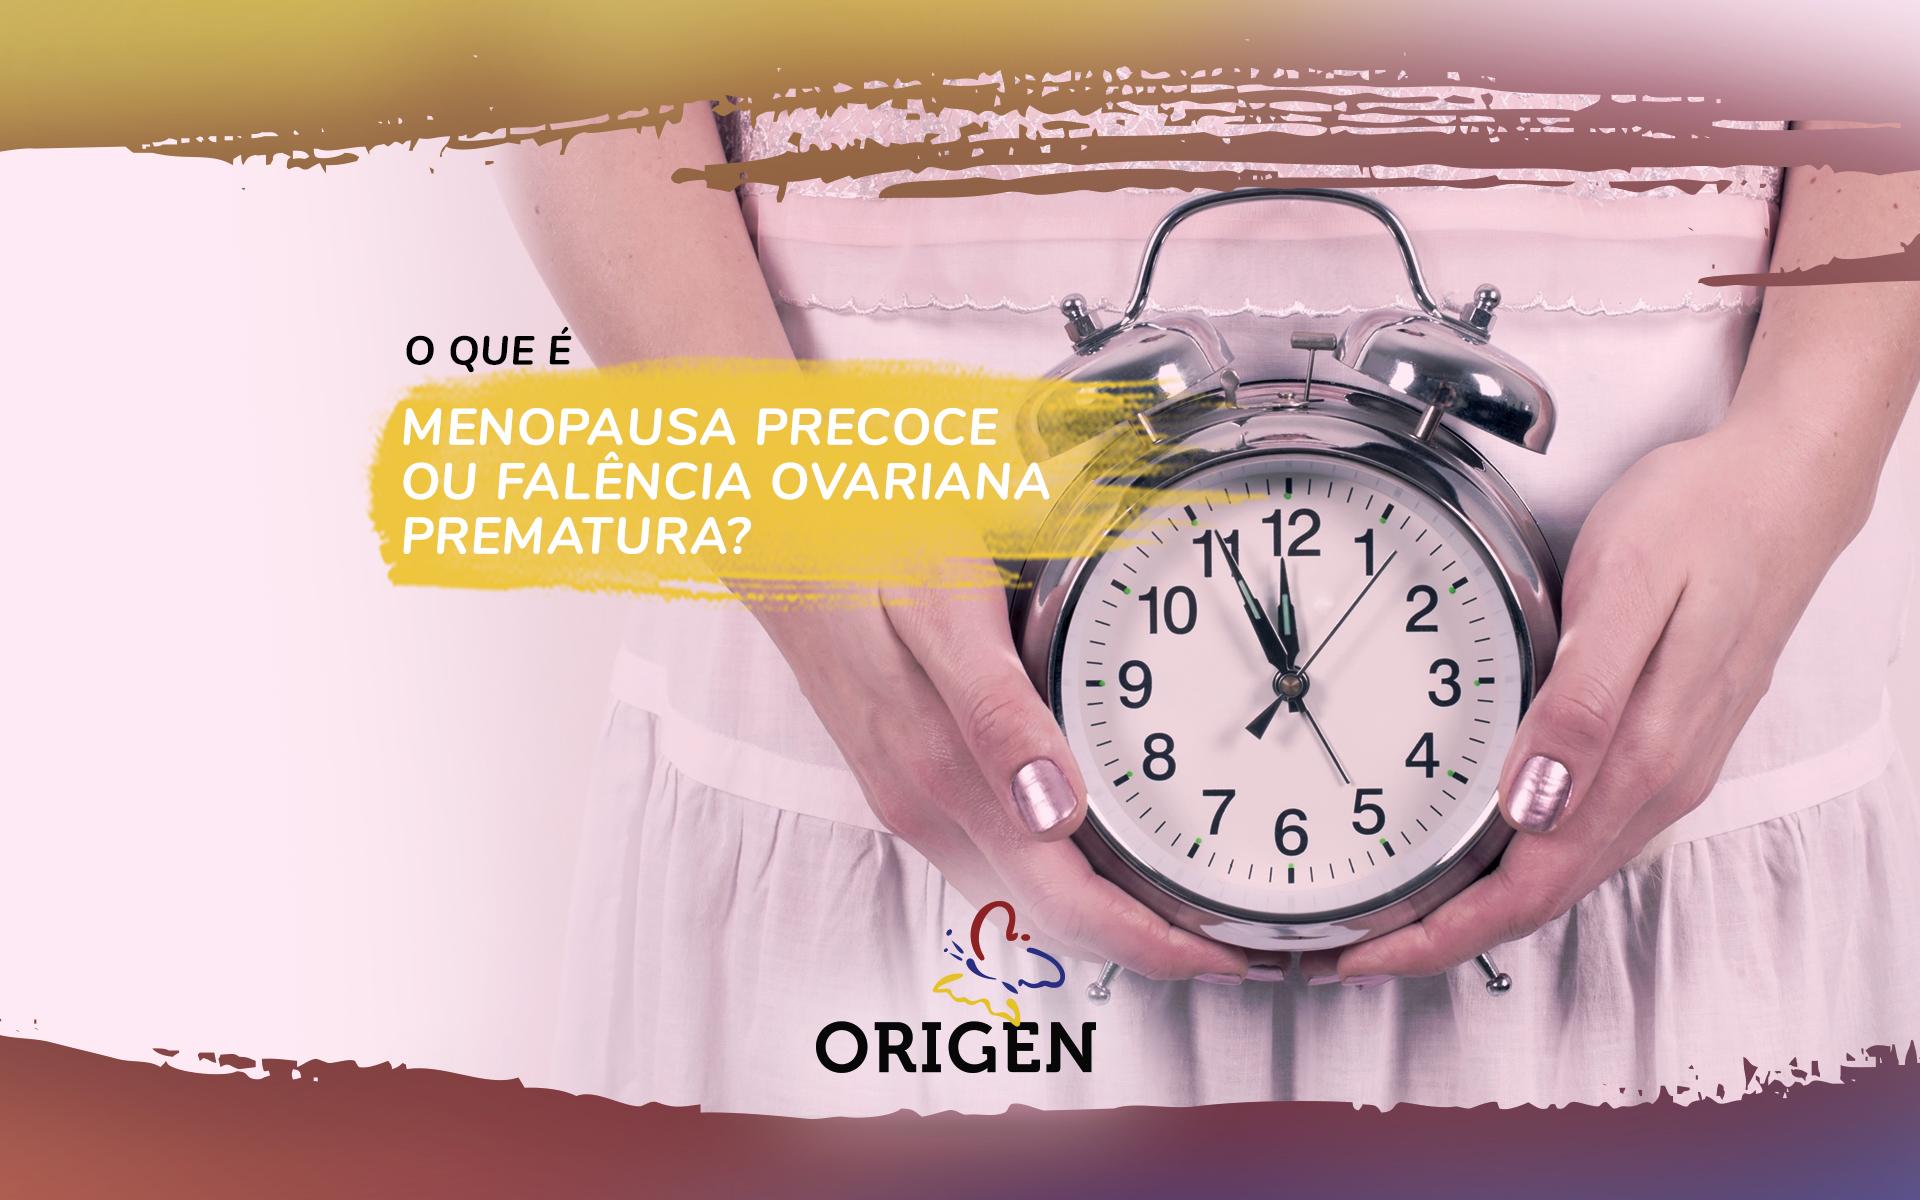 O que é menopausa precoce ou falência ovariana prematura?